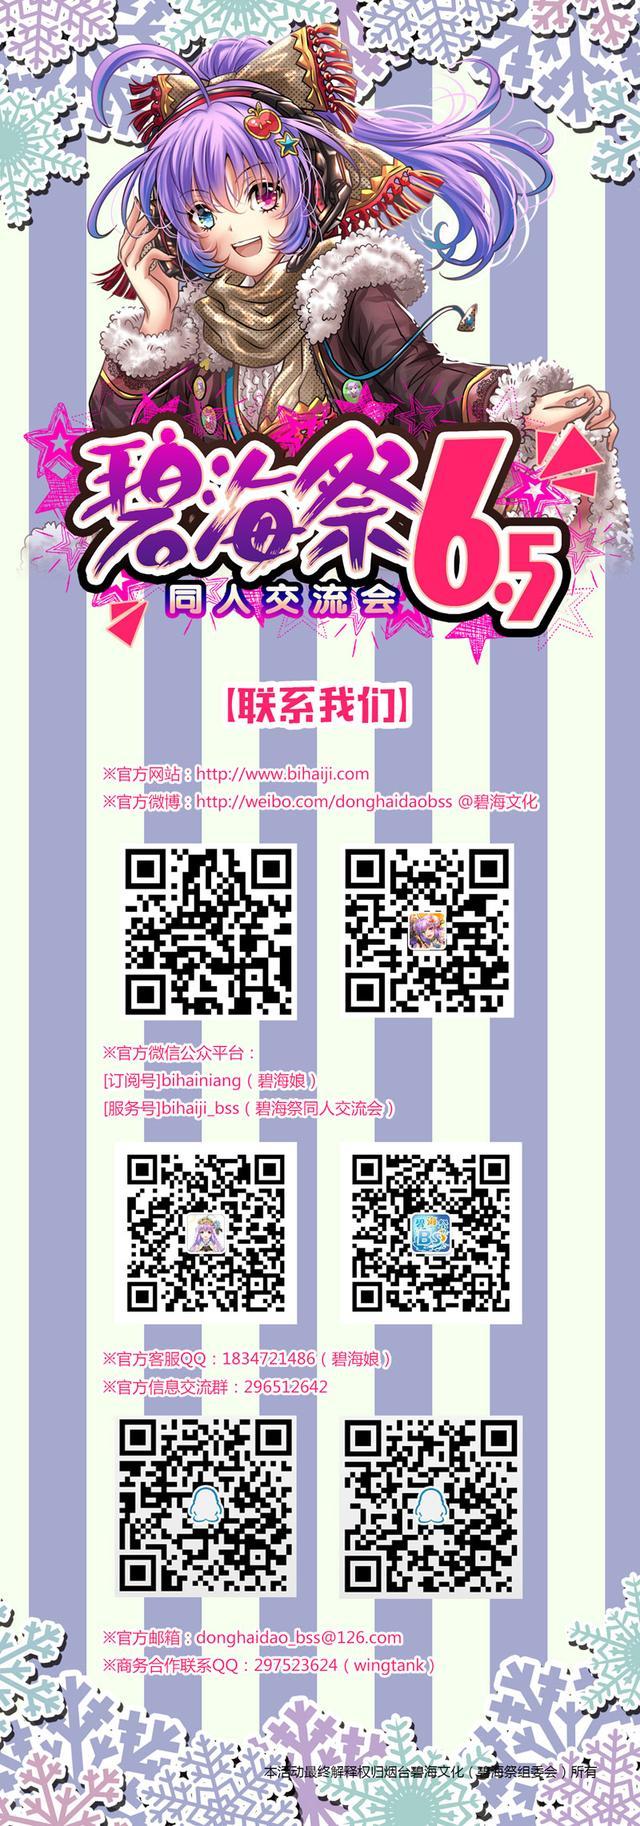 烟台碧海祭BSS6.5——缤纷新年季